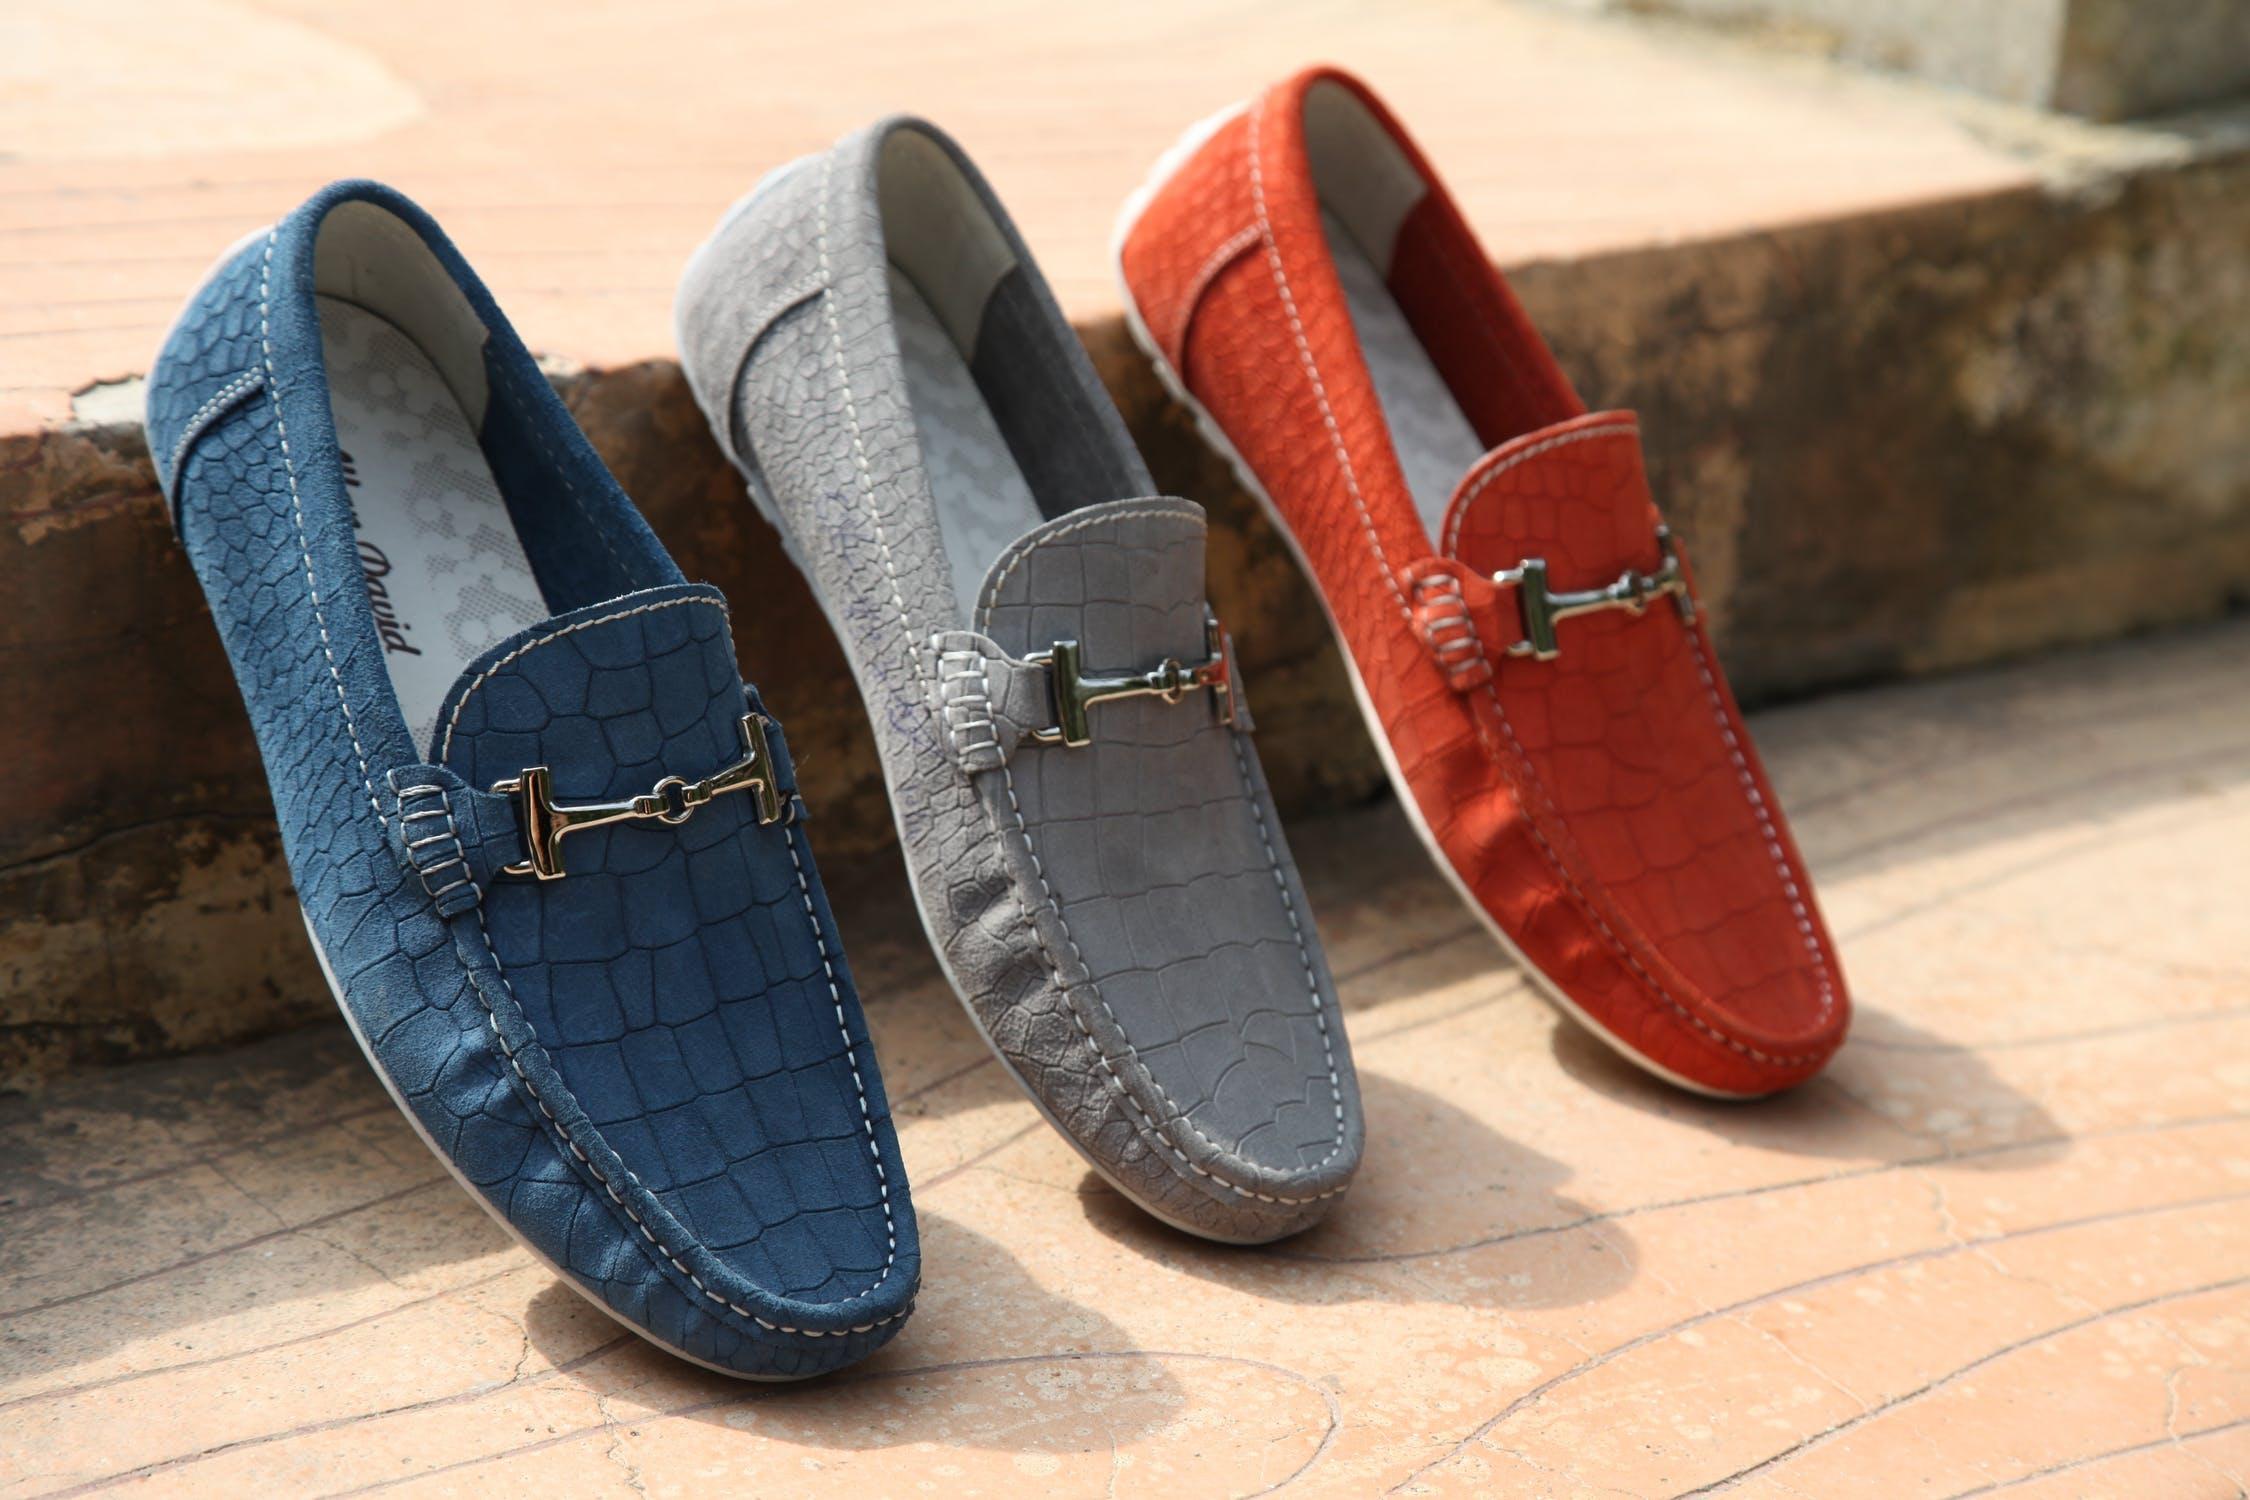 Kaip pasirinkti batus vyrui